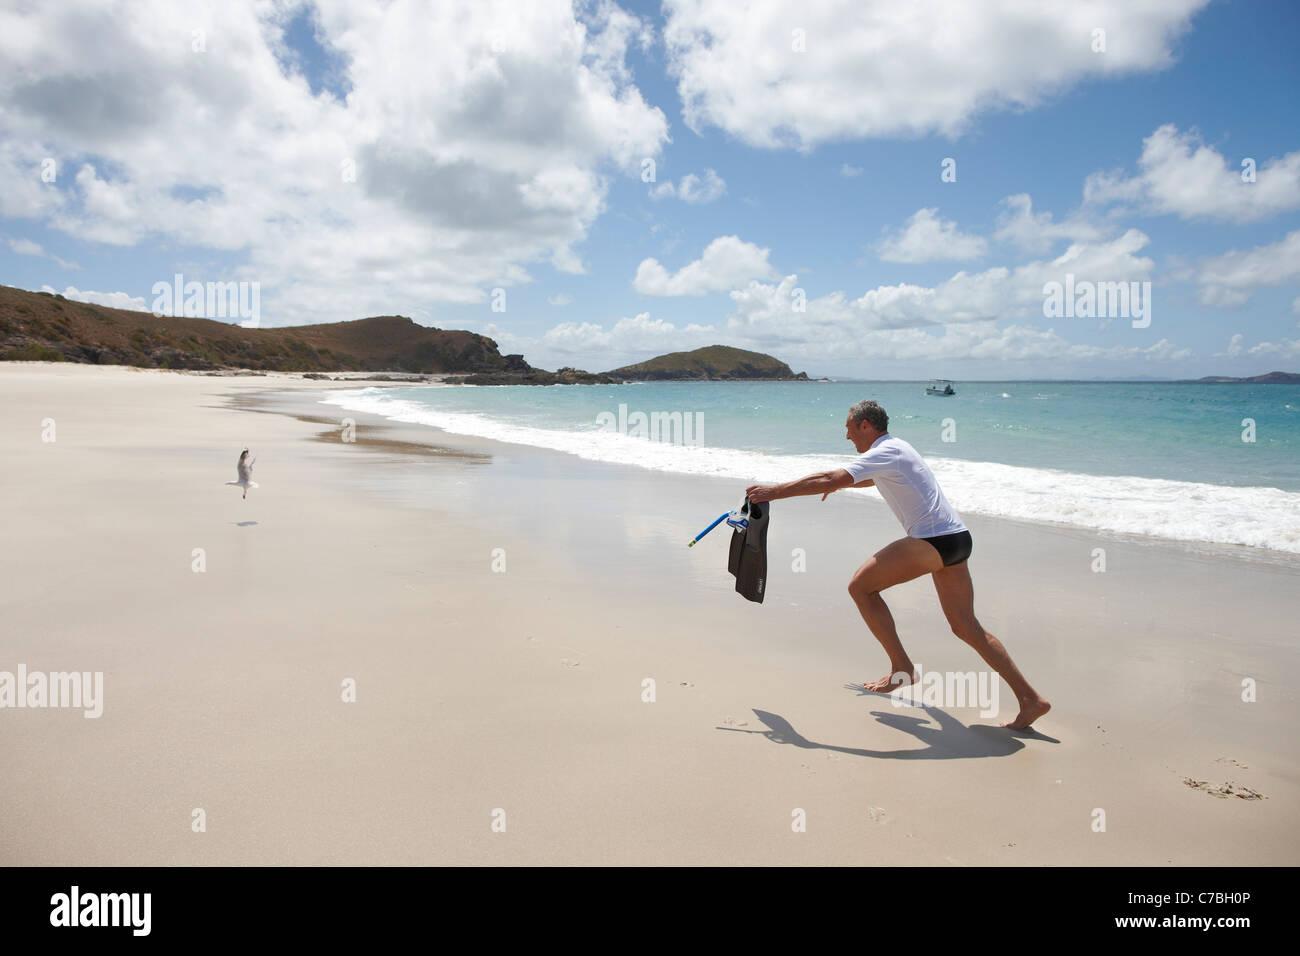 Touristen mit Schnorchelausrüstung auf Middle Island Strand Insel neben Great Keppel Island Great Barrier Reef Stockbild